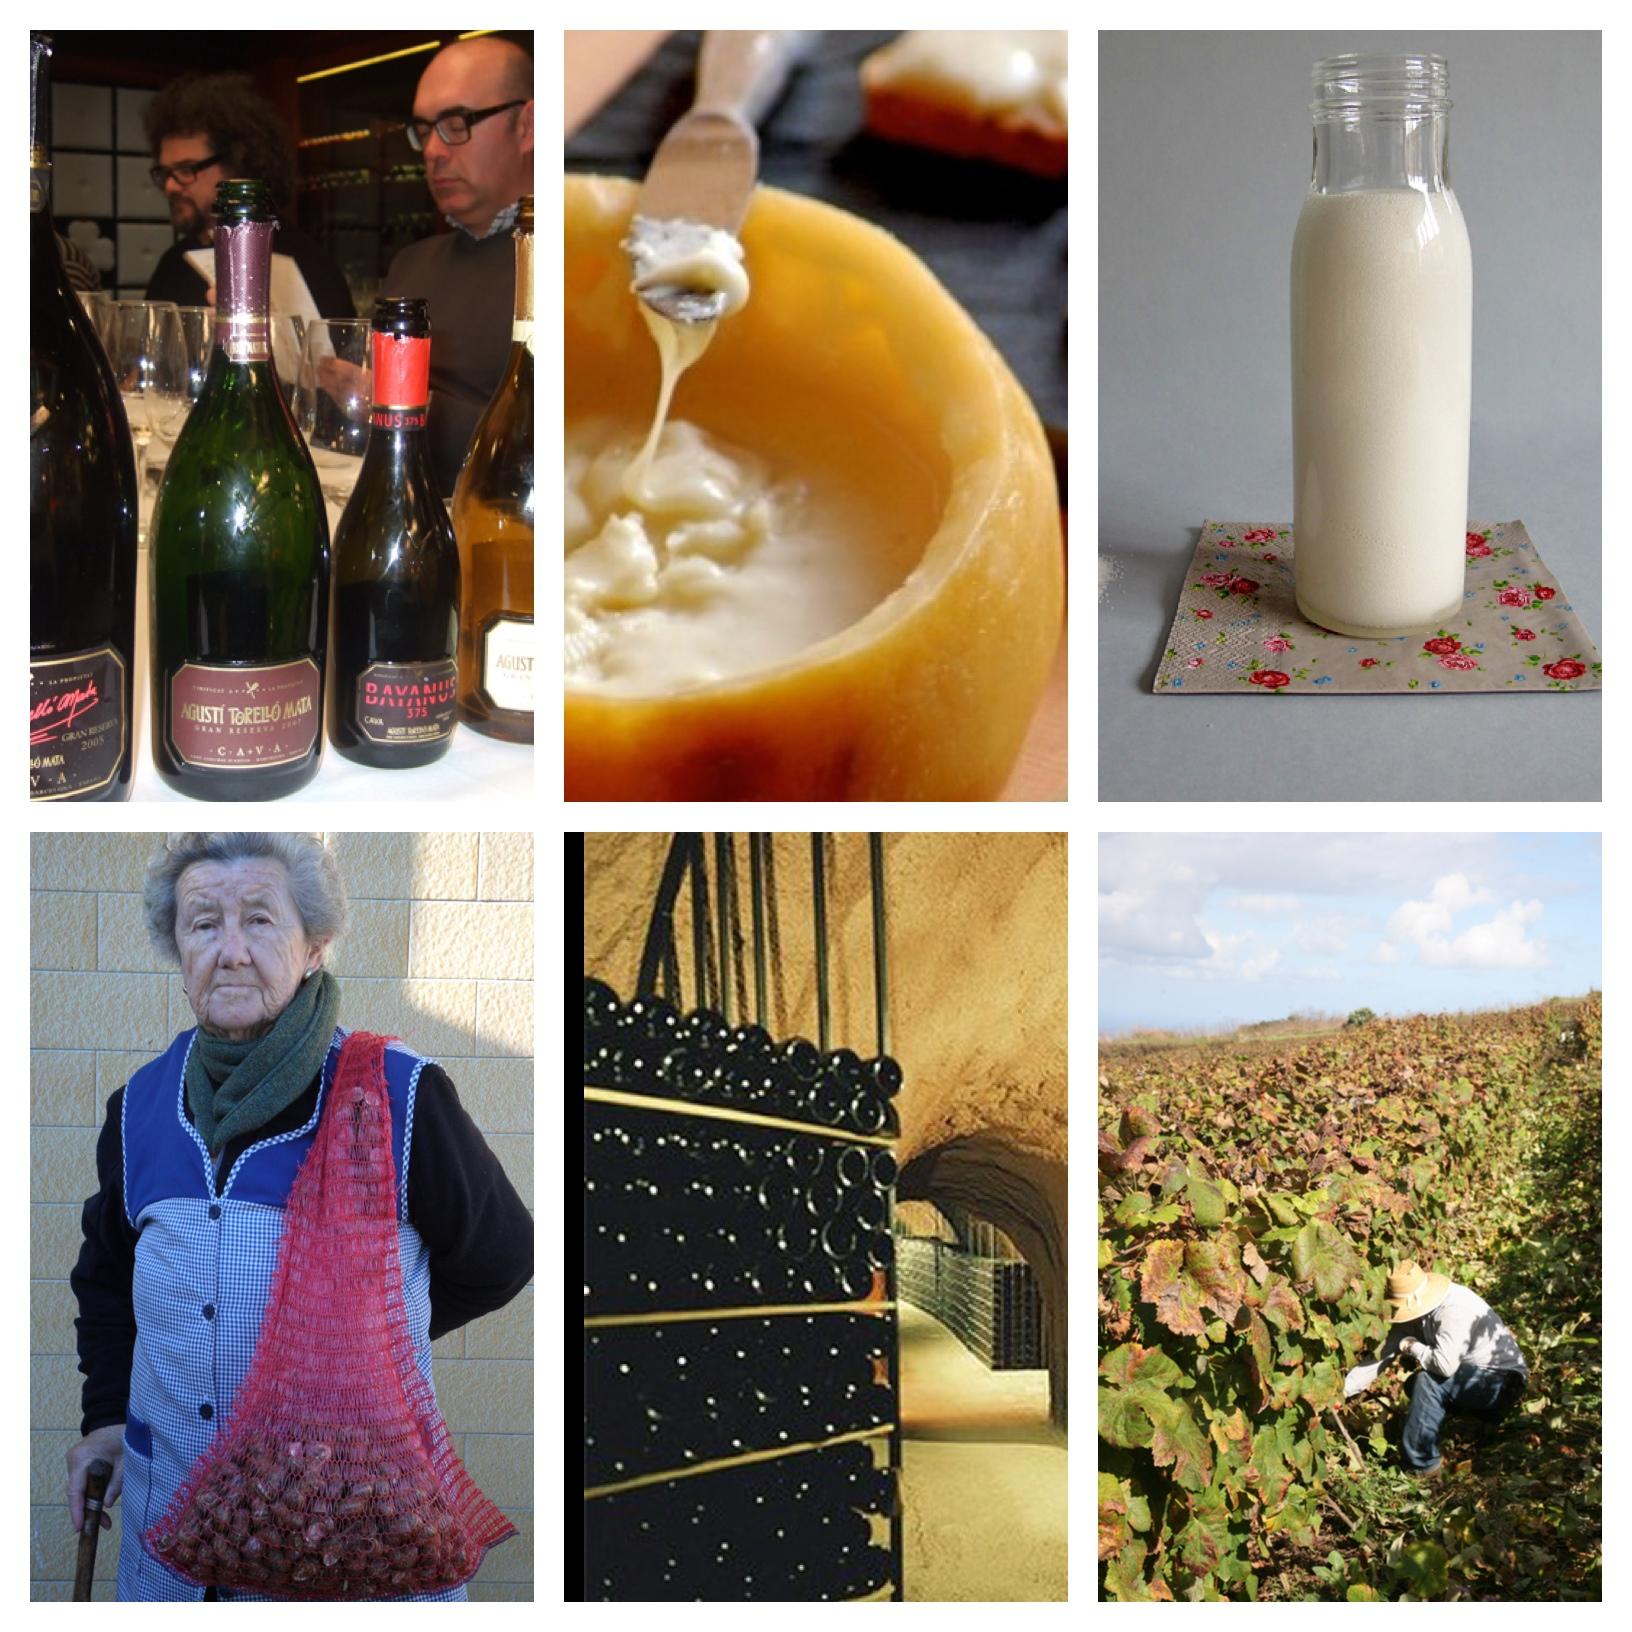 los-mejores-posts-articulos-vino-gastronomia-verema.